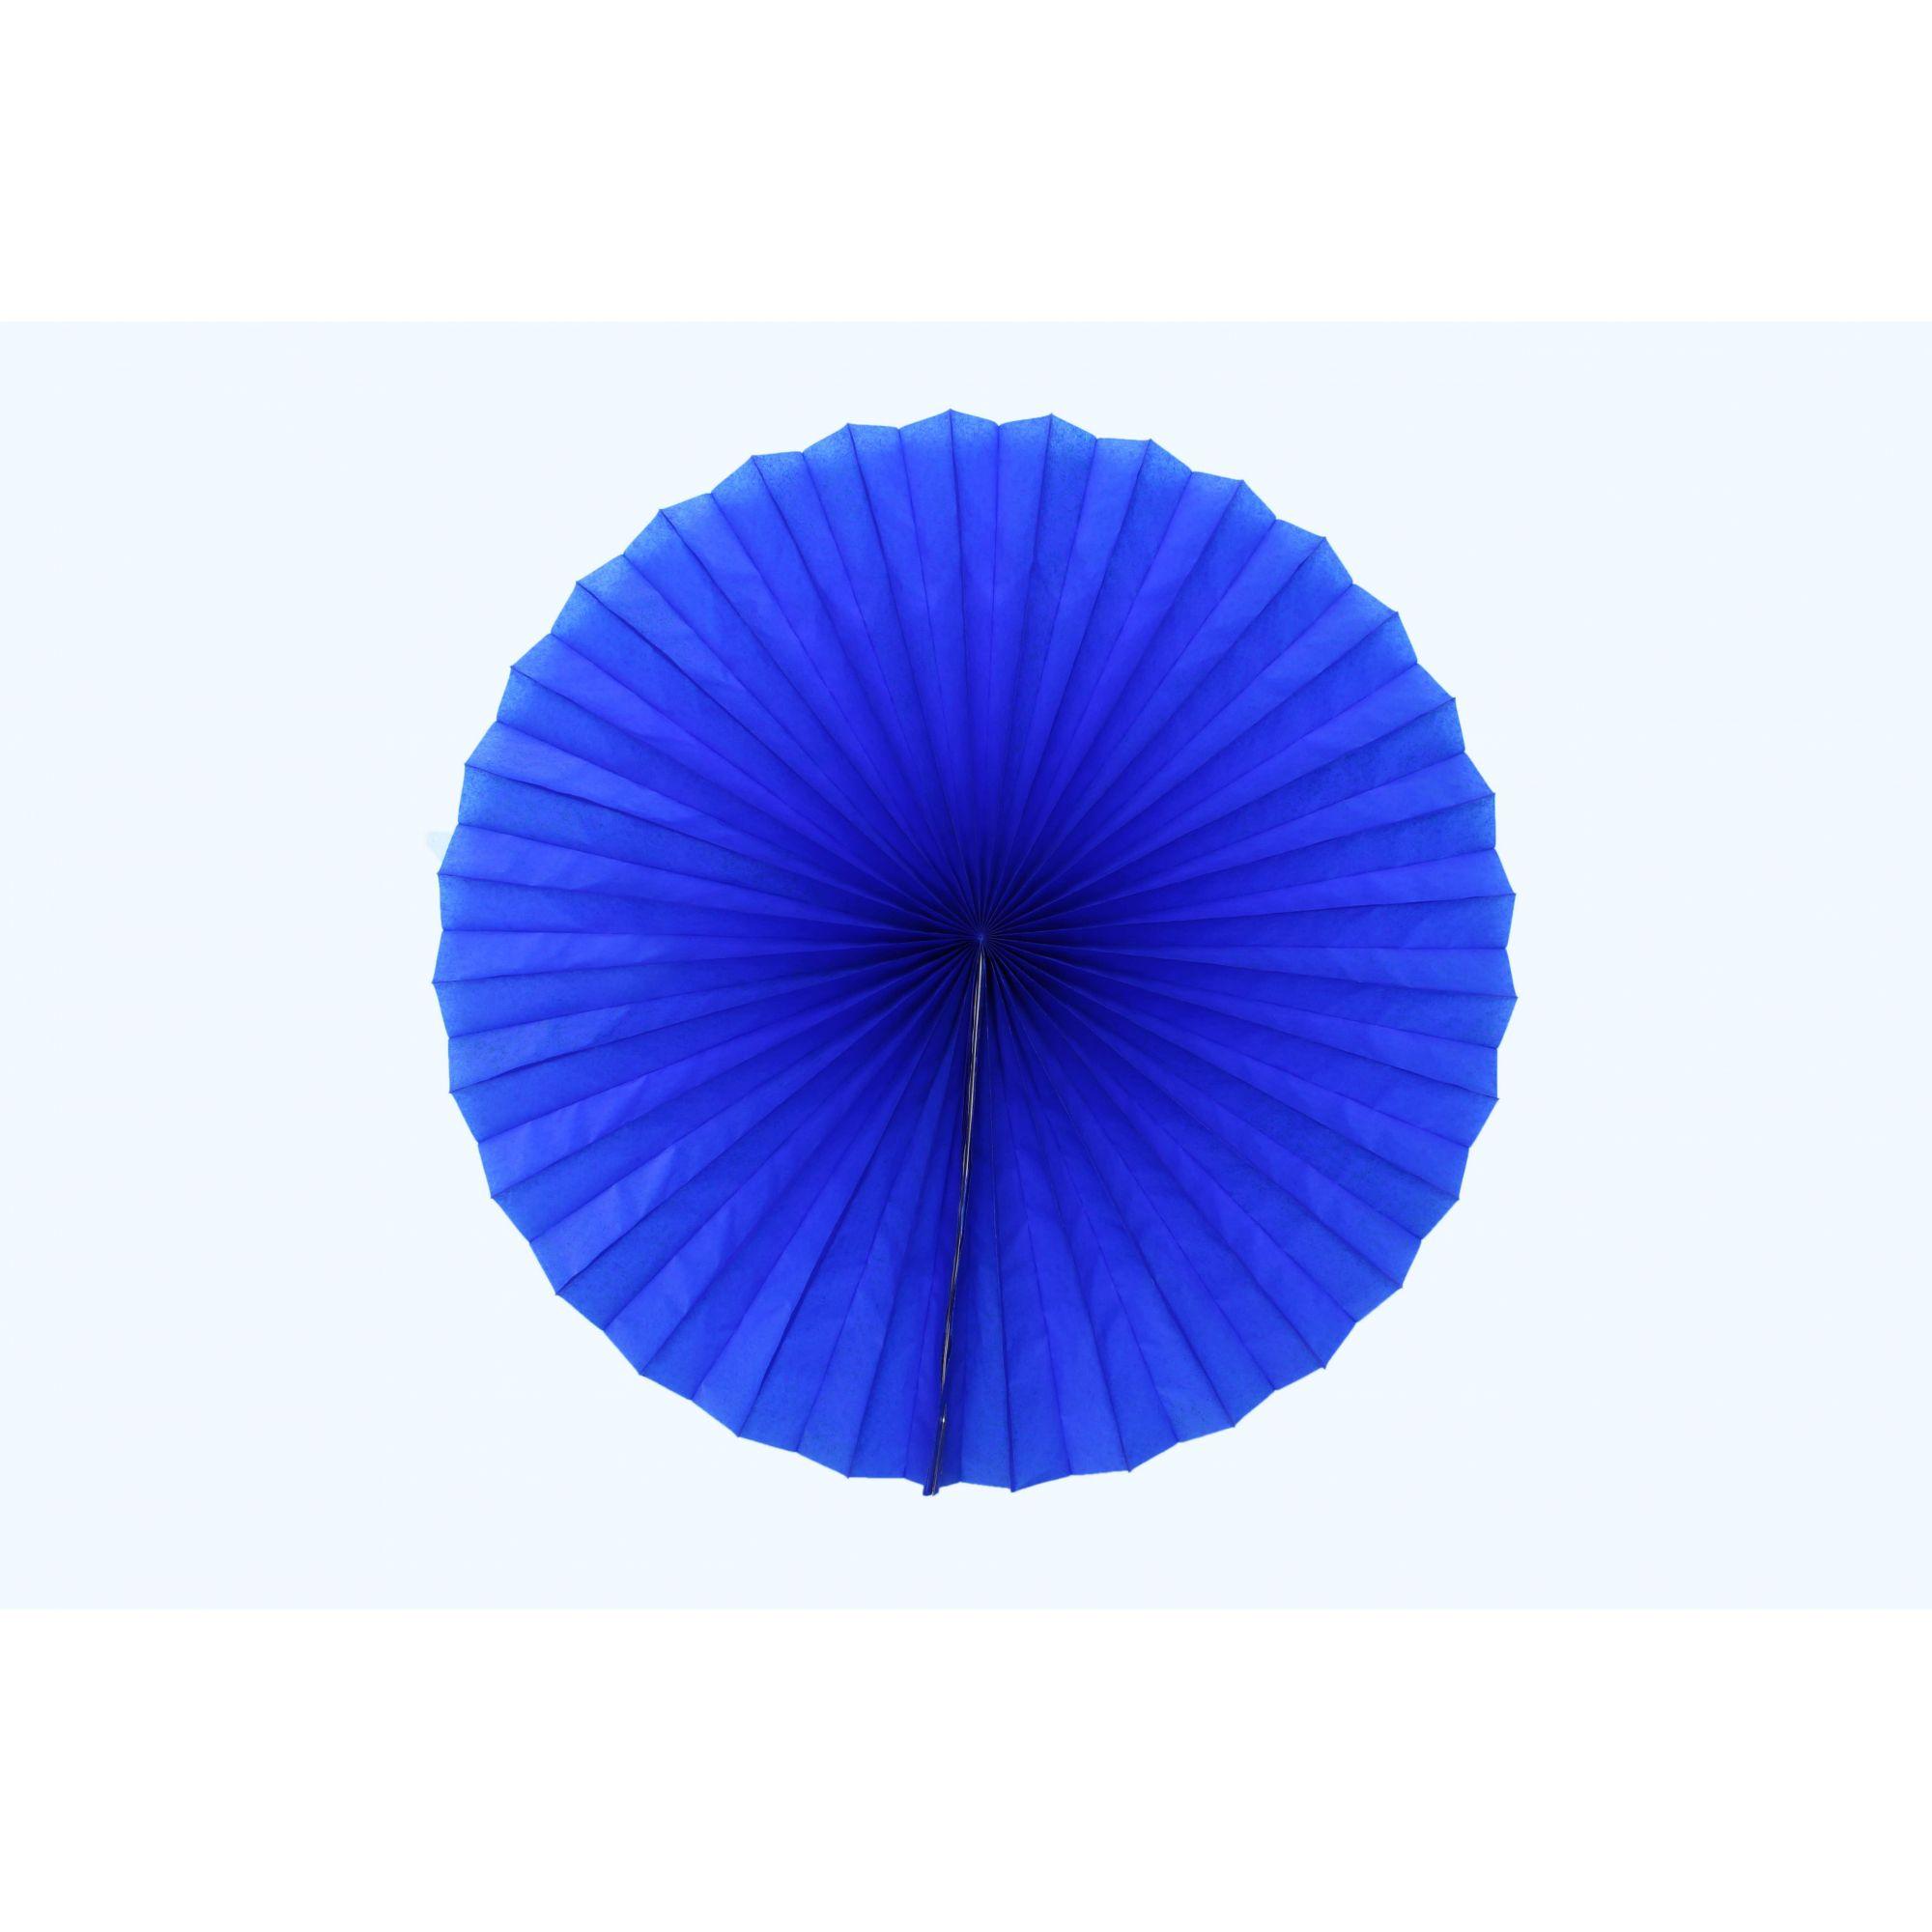 Enfeite de Papel de seda Fiorata, Roseta, Leque de Papel  Azul Escuro - GiroToy